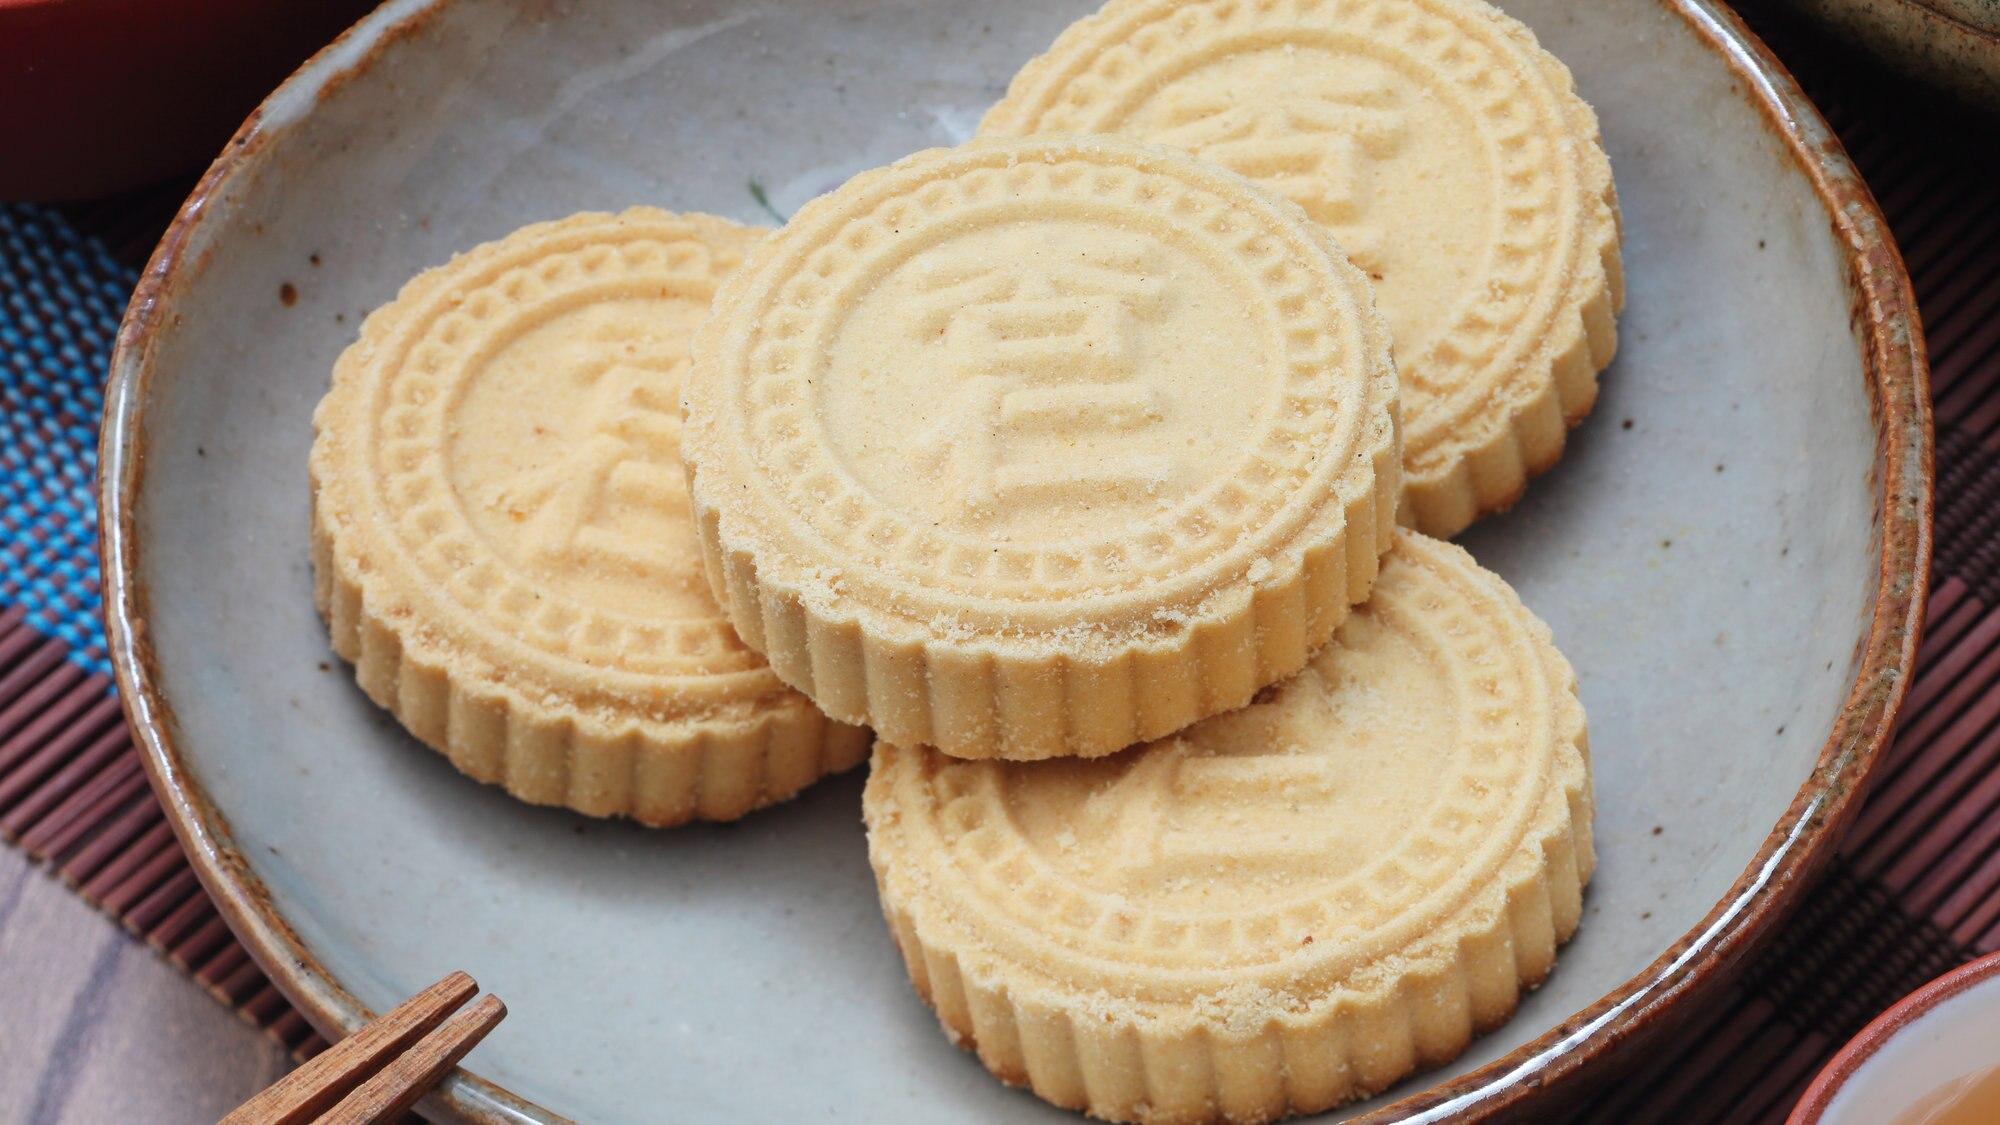 マカオ名物のお菓子アーモンドクッキー!人気のお店4選をご紹介します